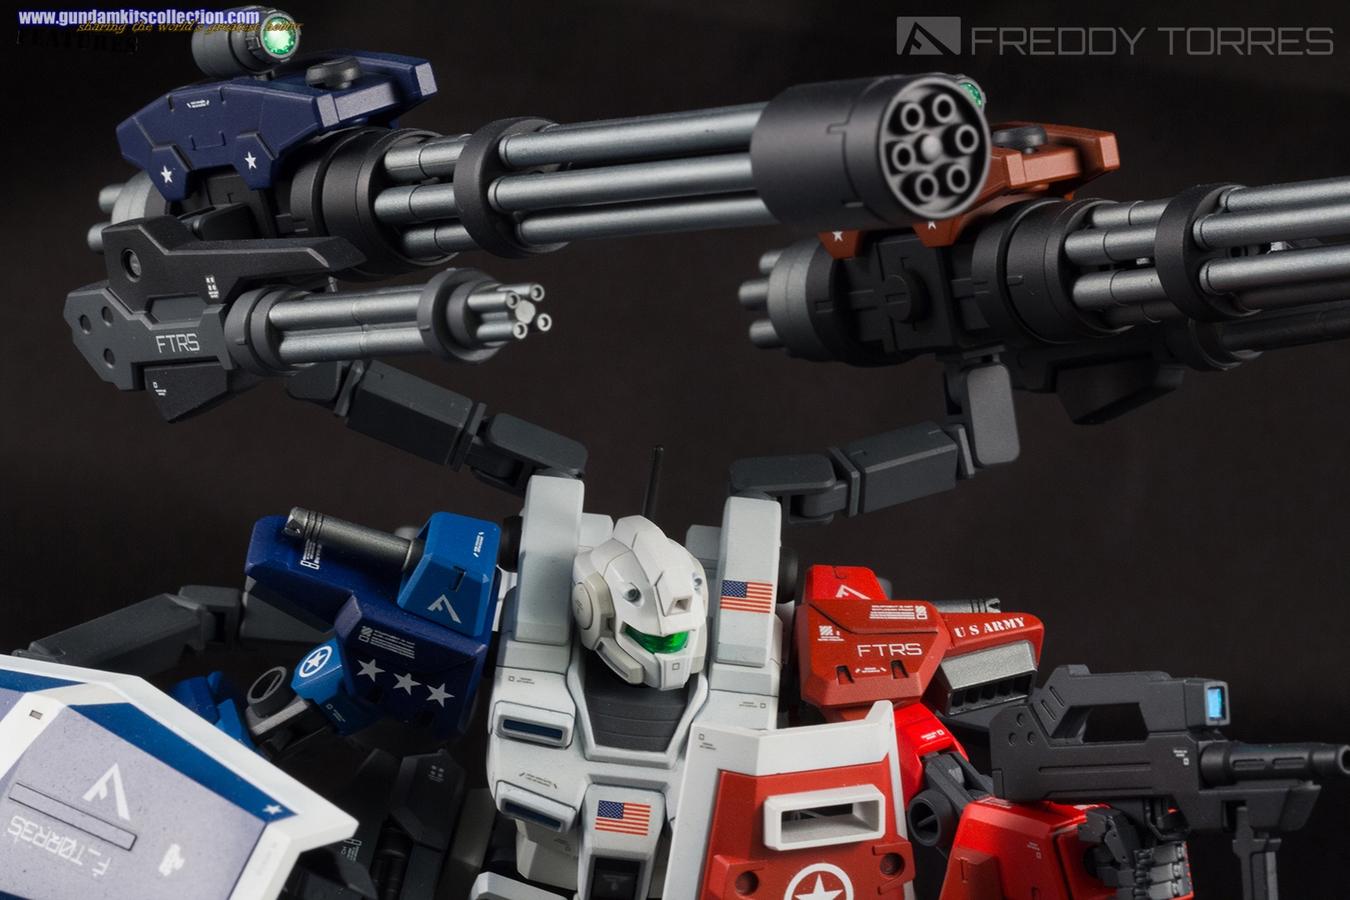 Custom Build Hgbf 1 144 Powered Gm Cardigan Murica Gundam Kits